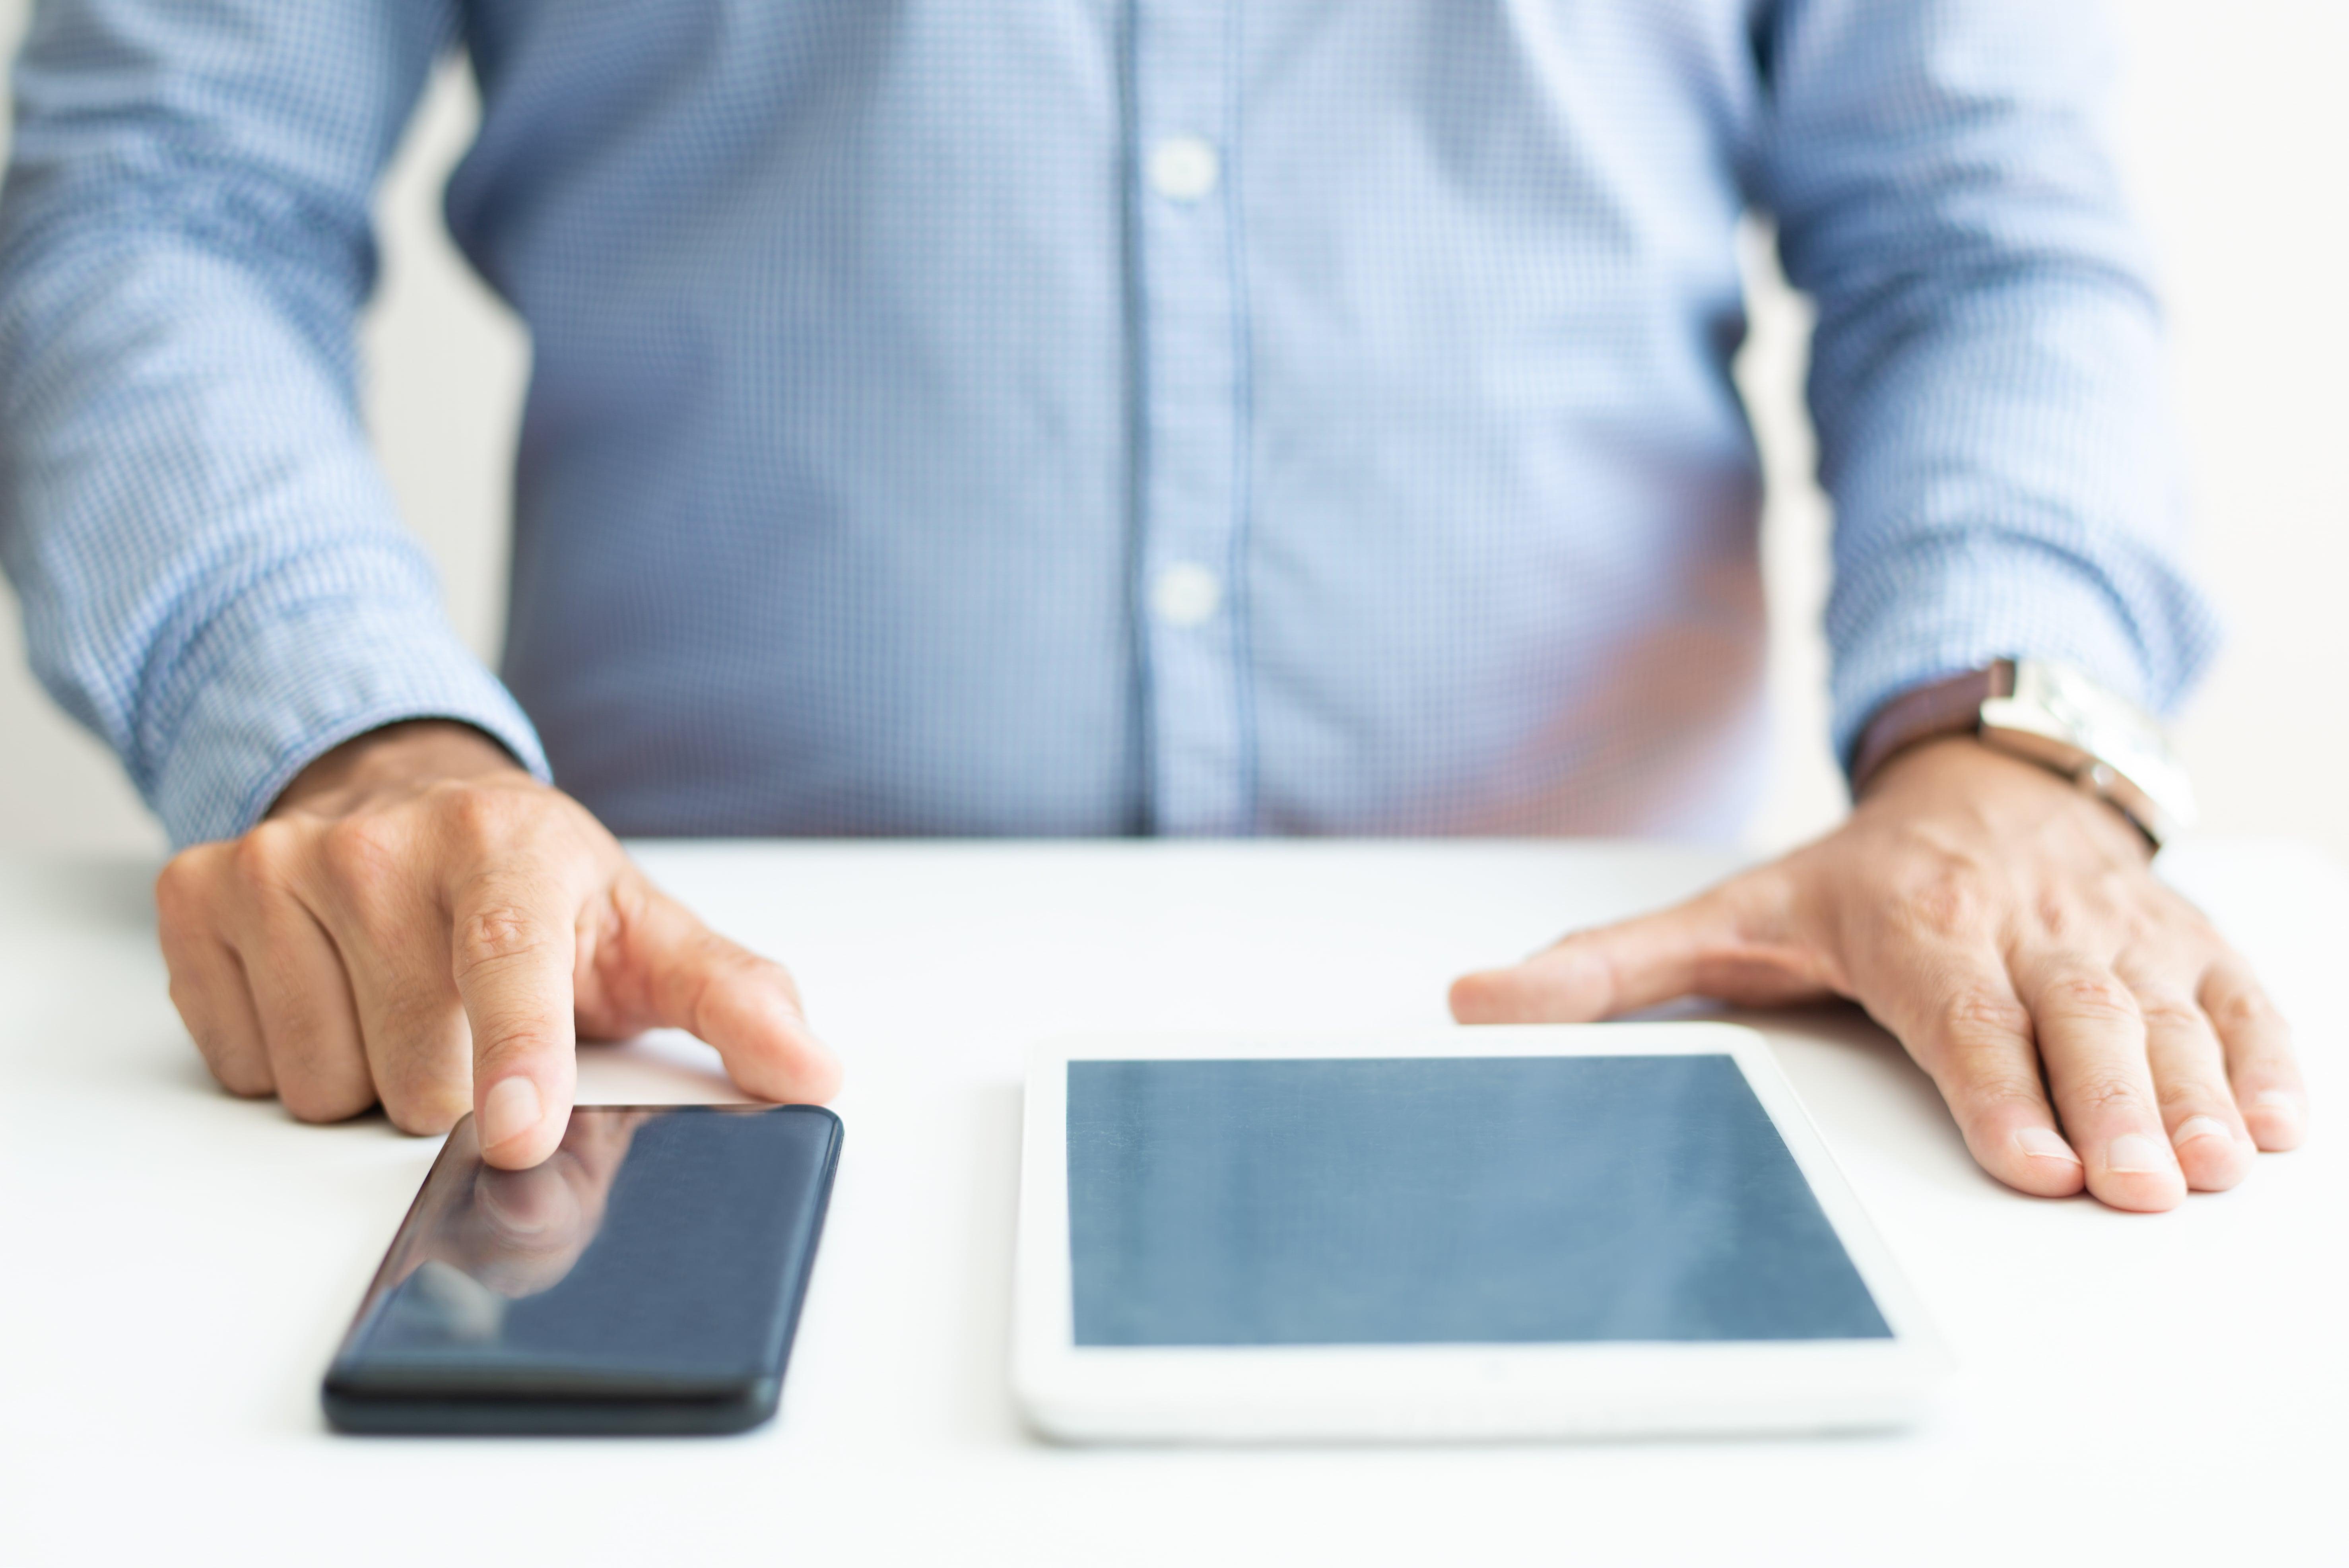 Pessoa com celular e tablet escolhendo software de gestão